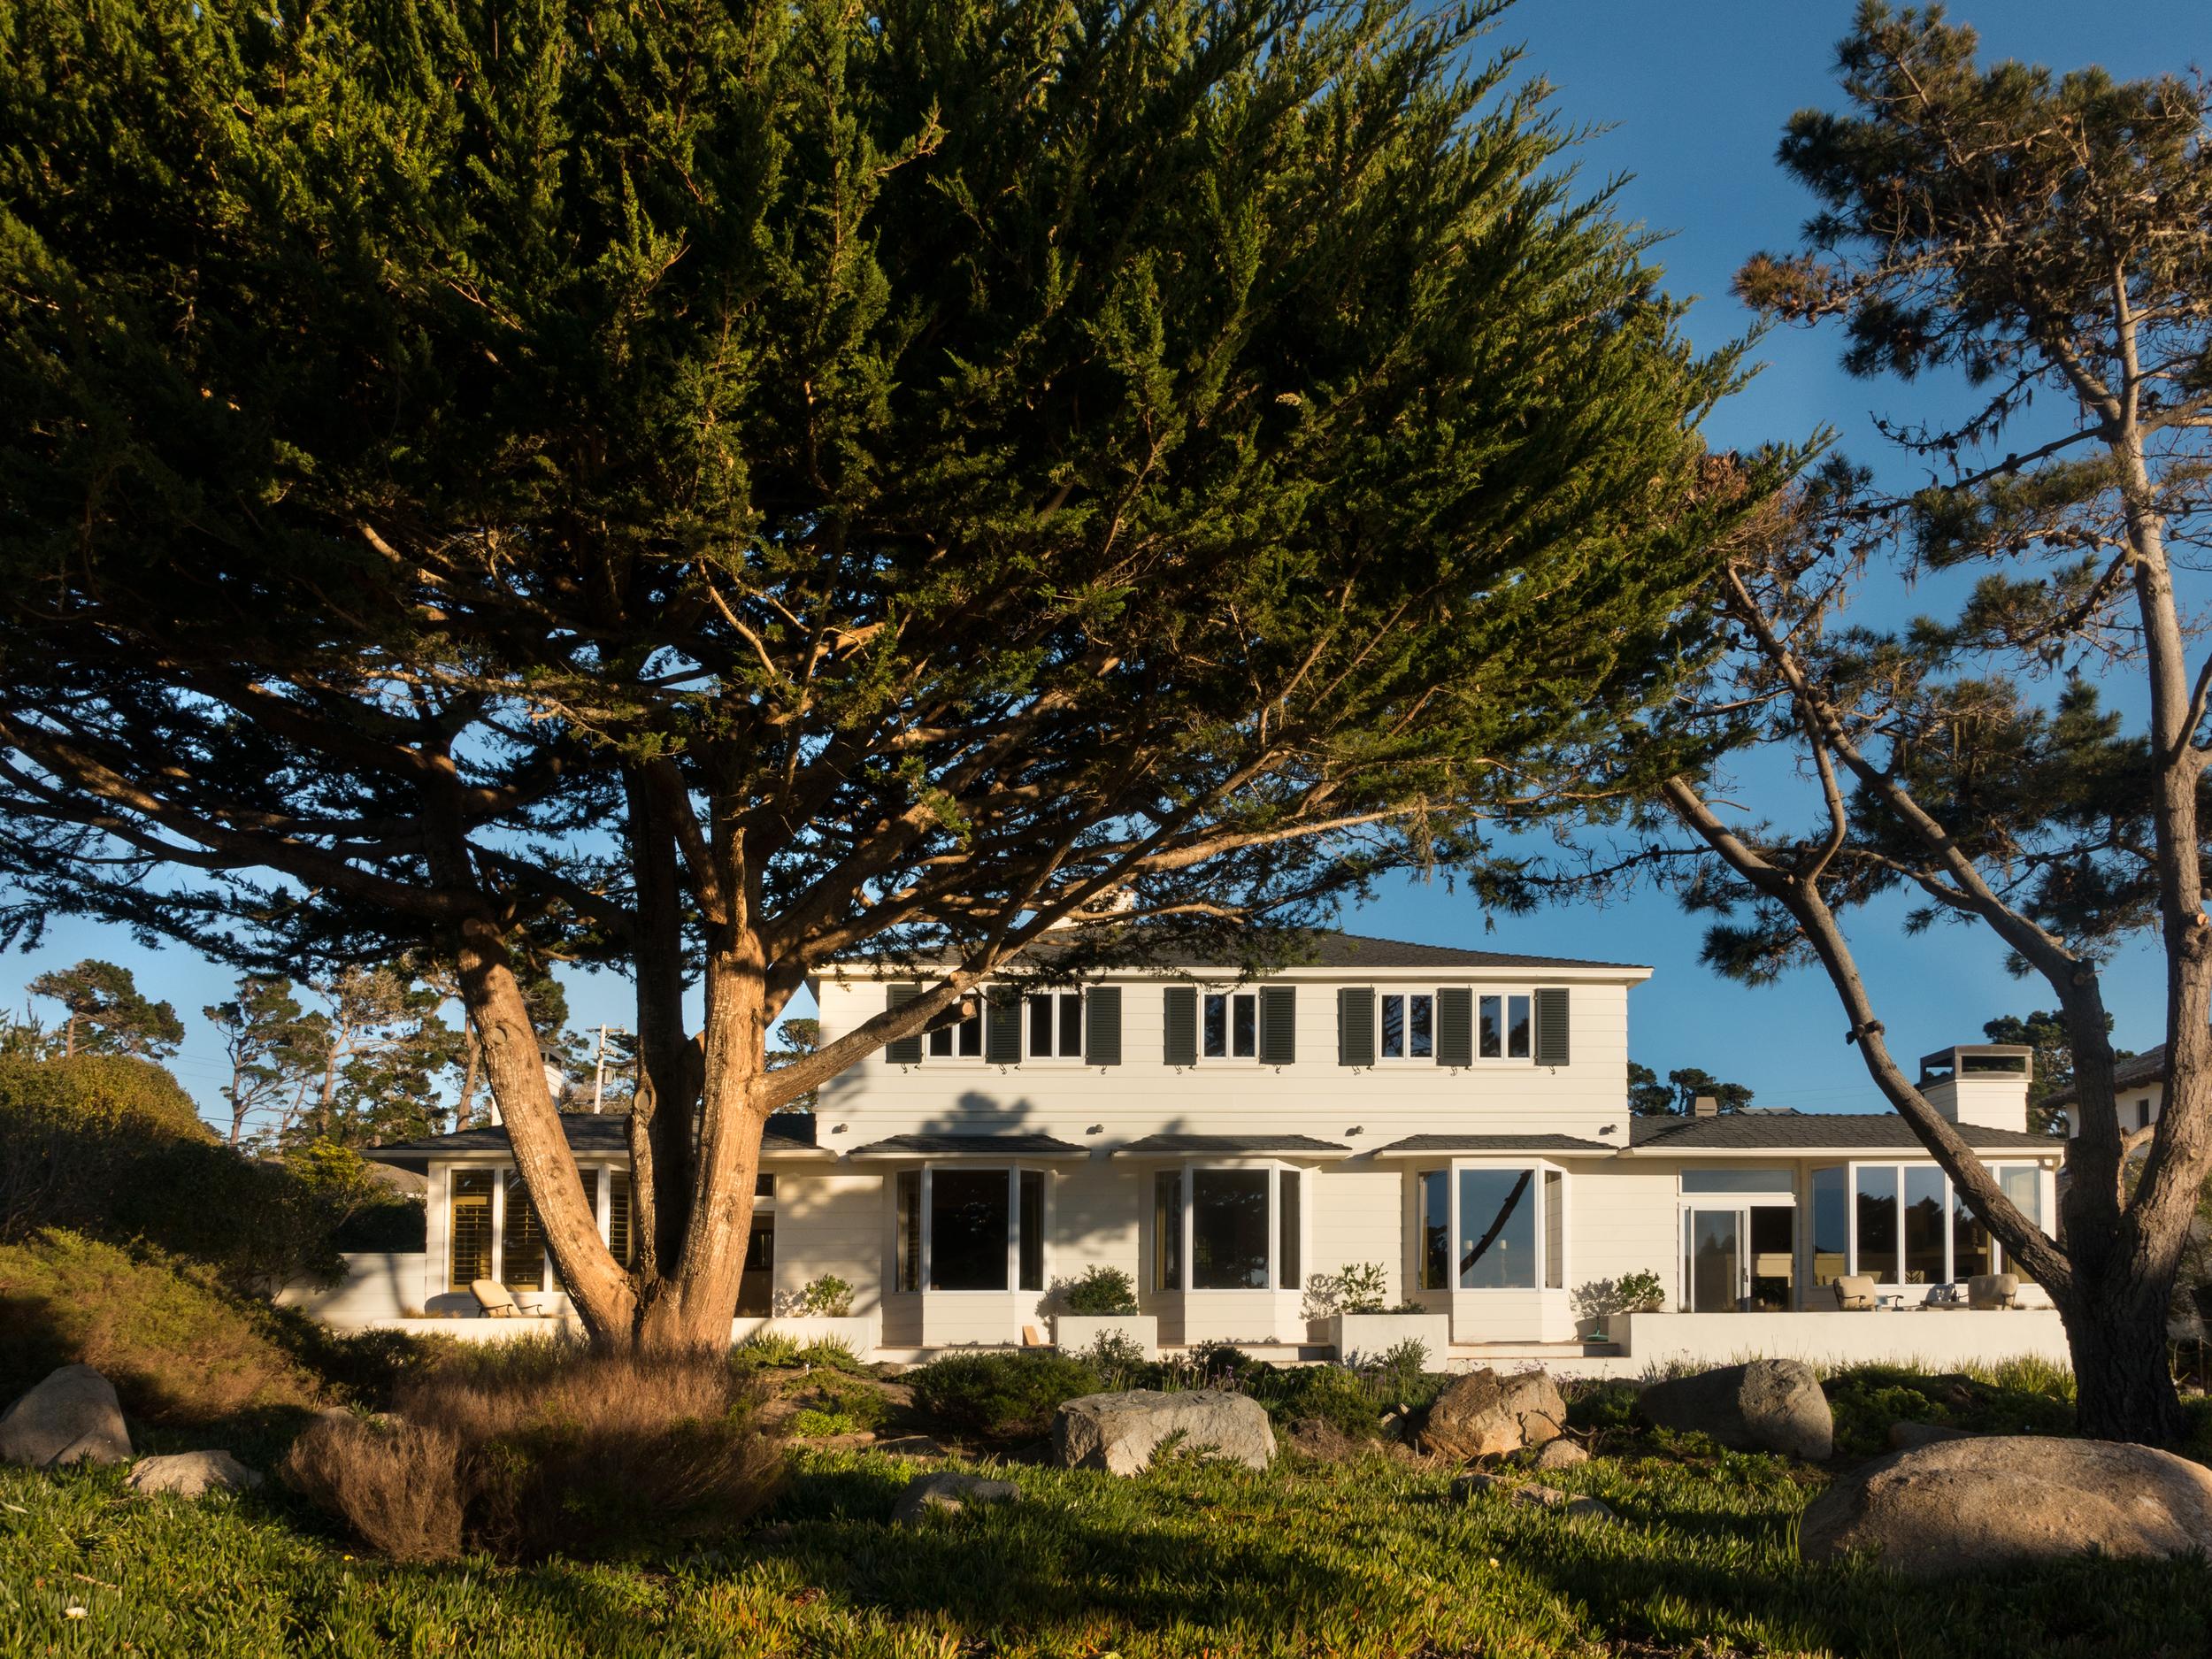 40 back house.jpg